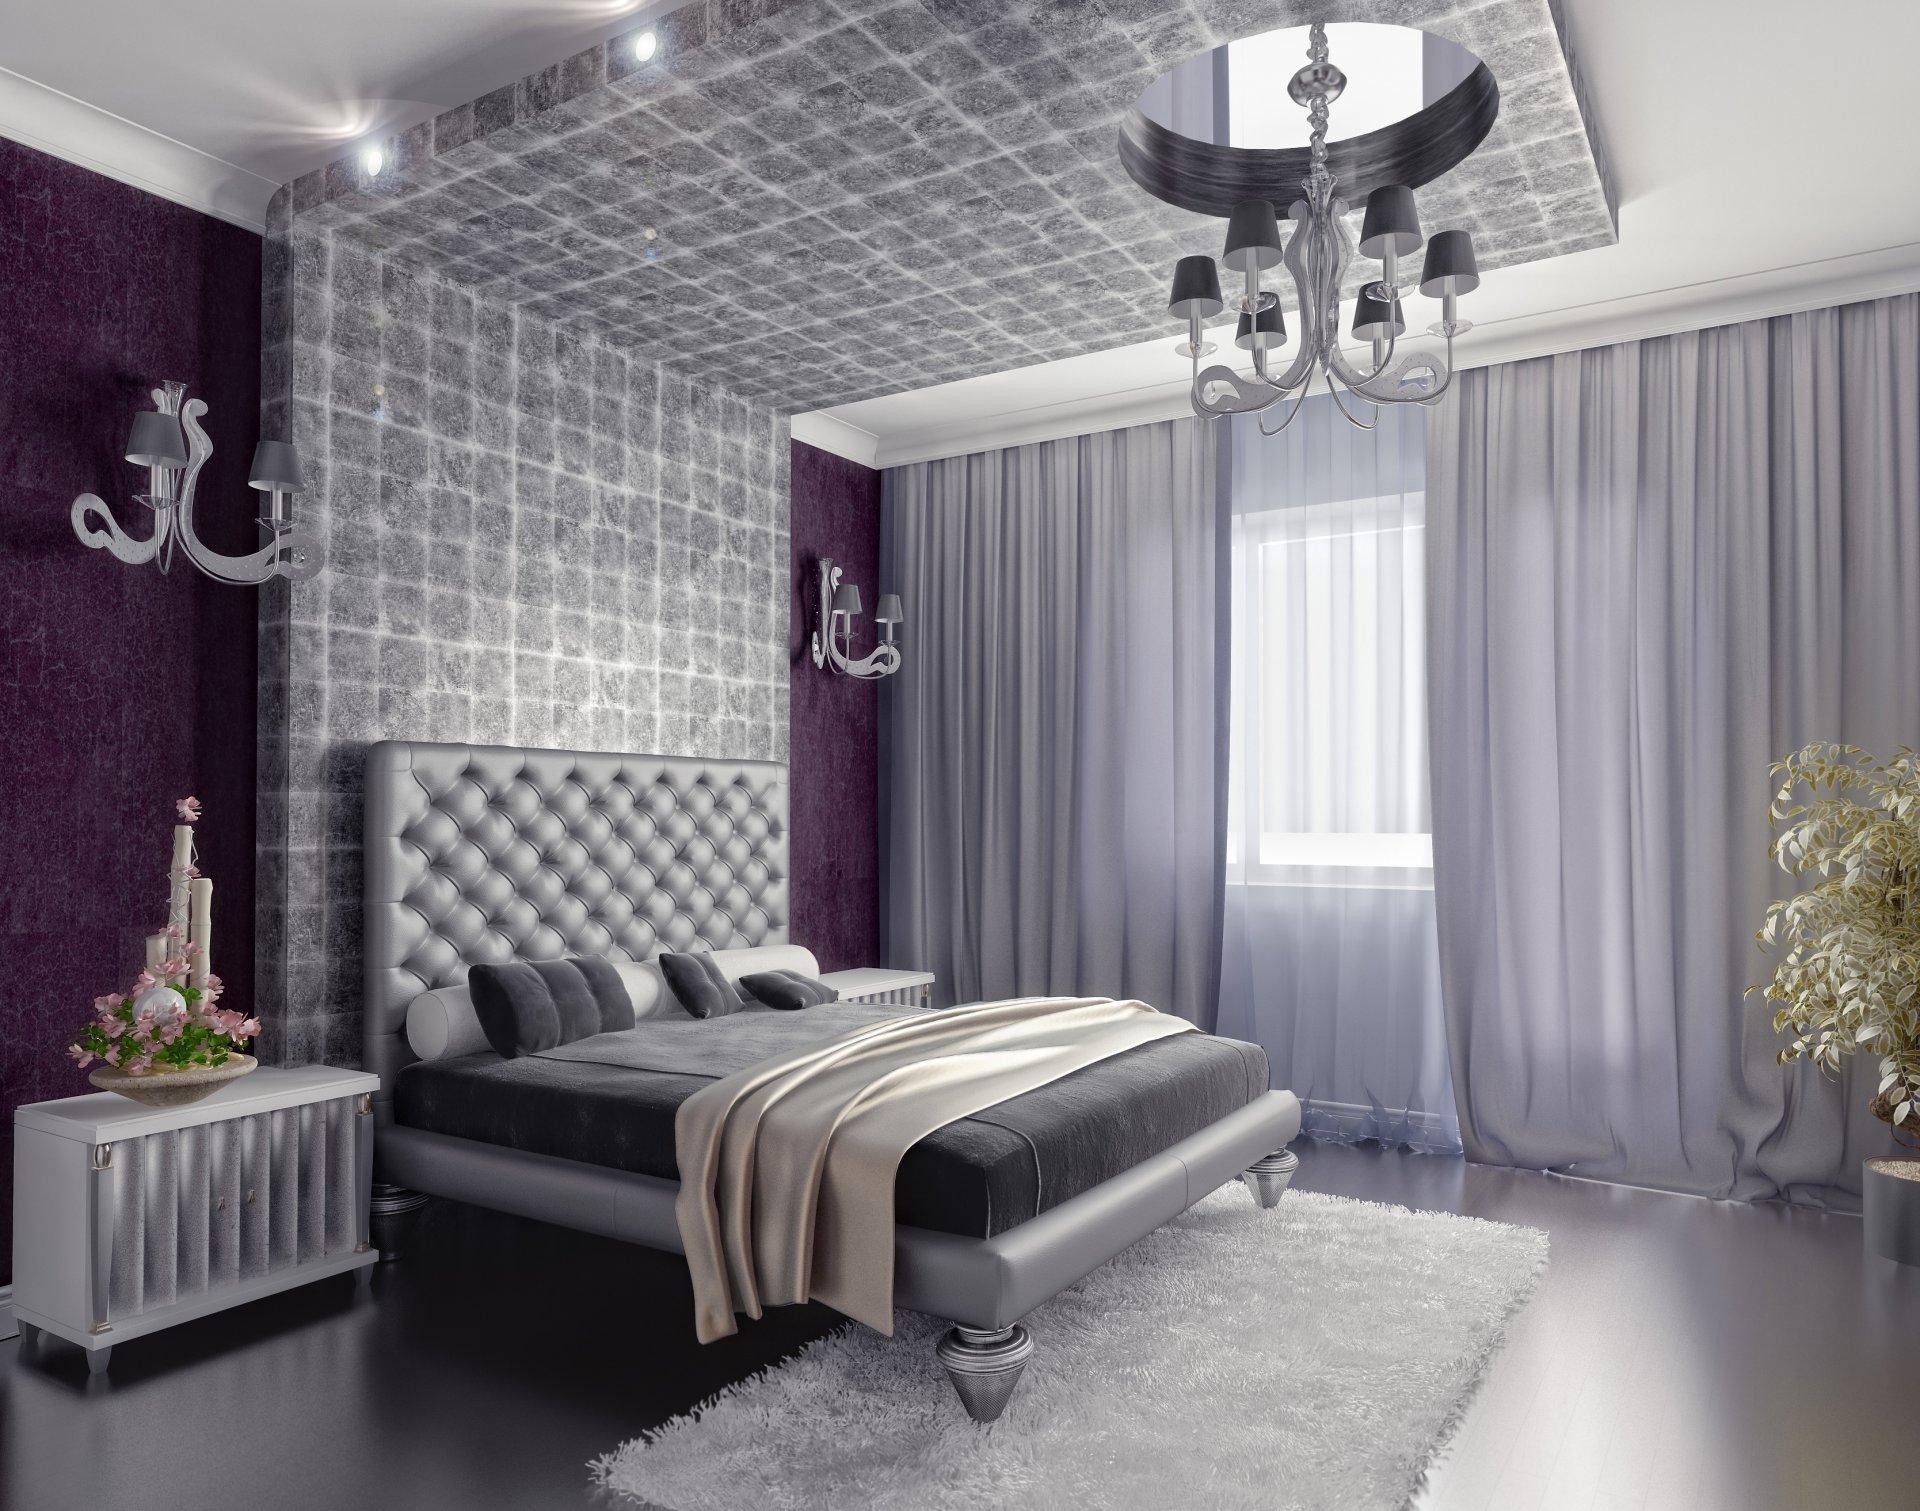 картинки штор в спальную комнату к сиренево серебристым обоям обои для